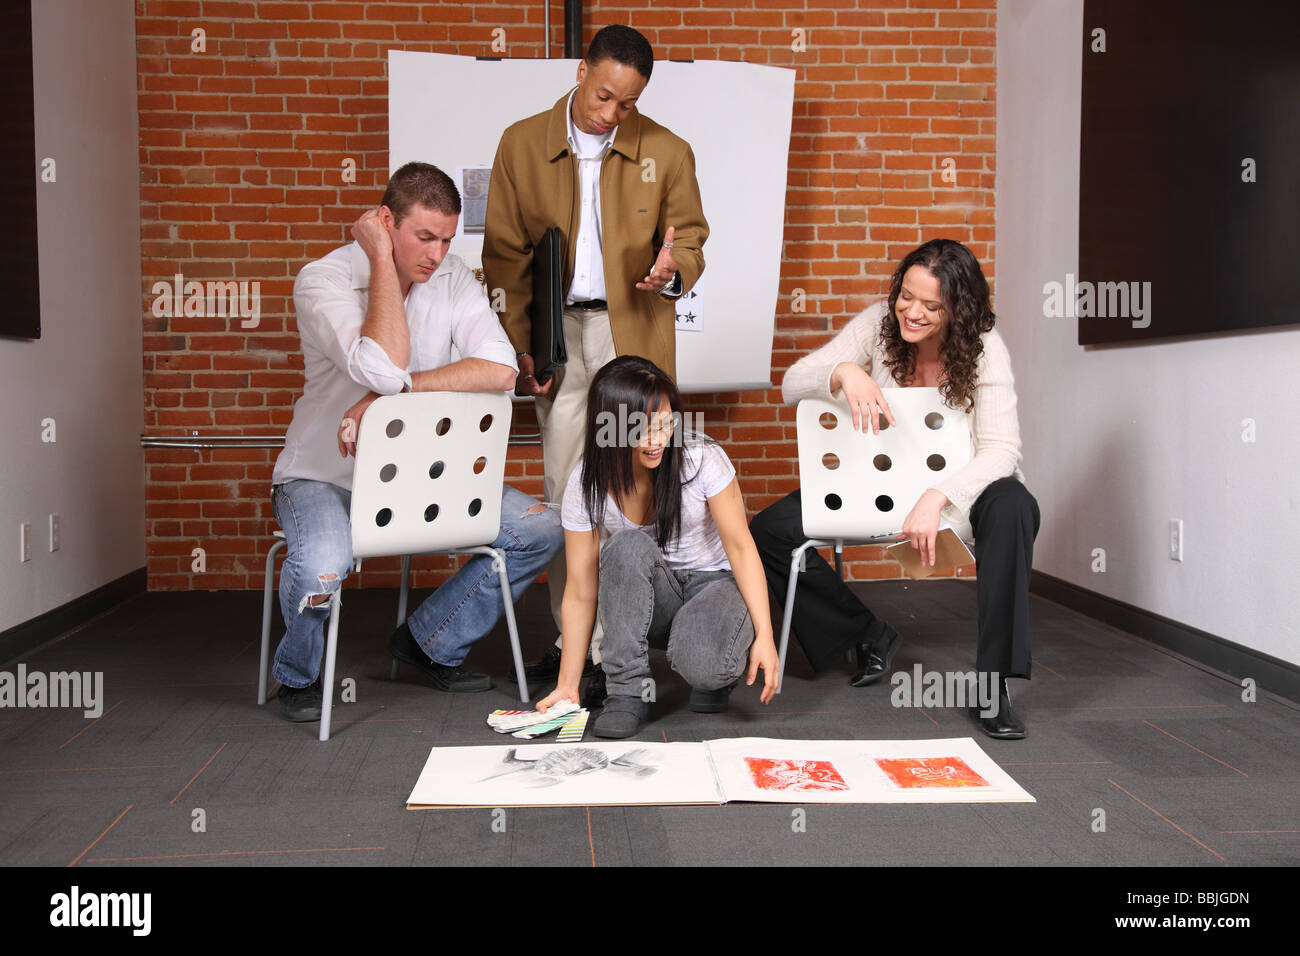 Gruppe von kreativen jungen Menschen Businesslook Kunstwerk Stockbild